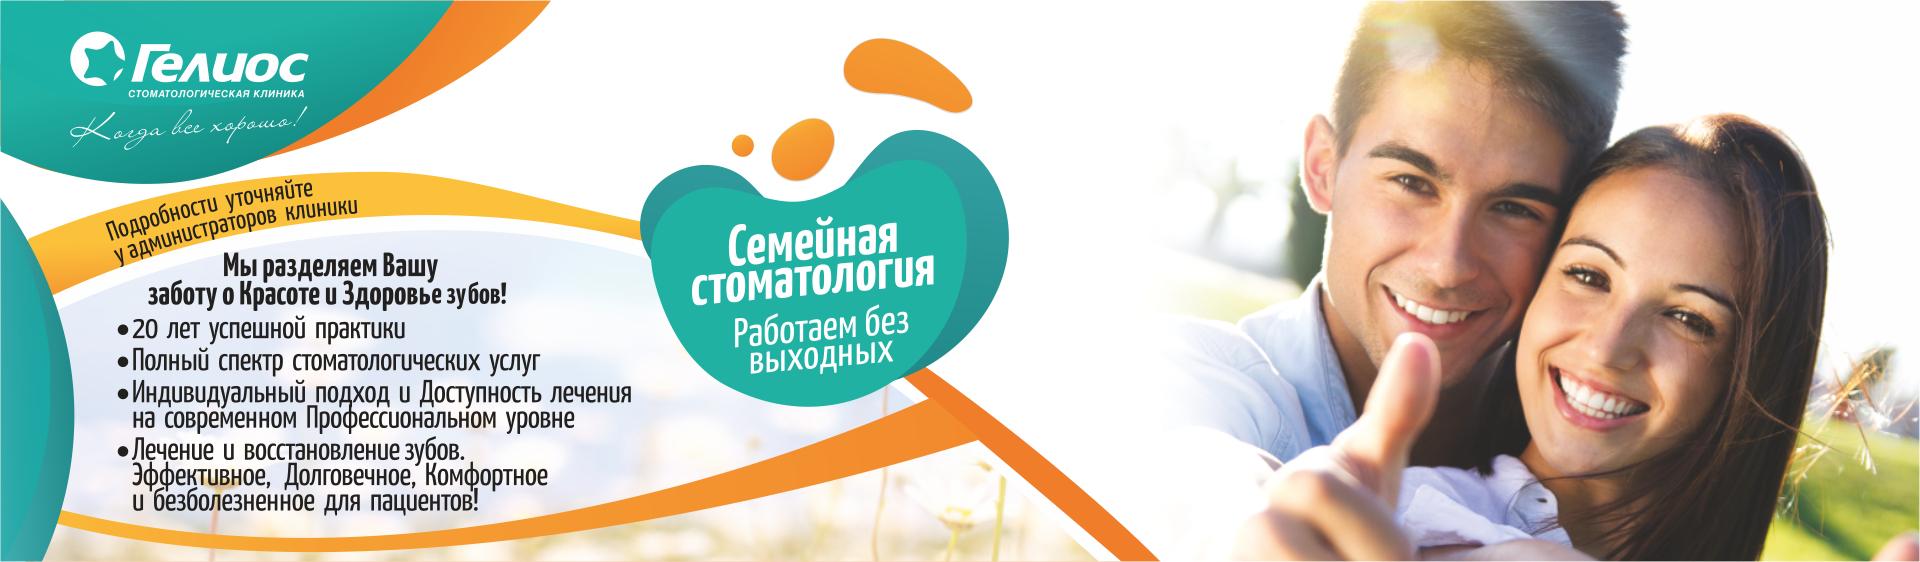 ГЕЛИОС стоматологическая клиника Саратова